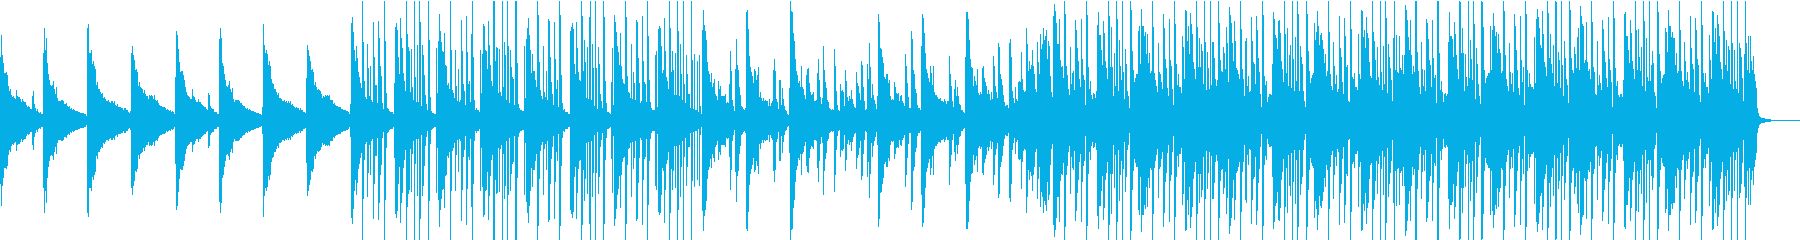 切なく懐かしいイメージのピアノインストの再生済みの波形